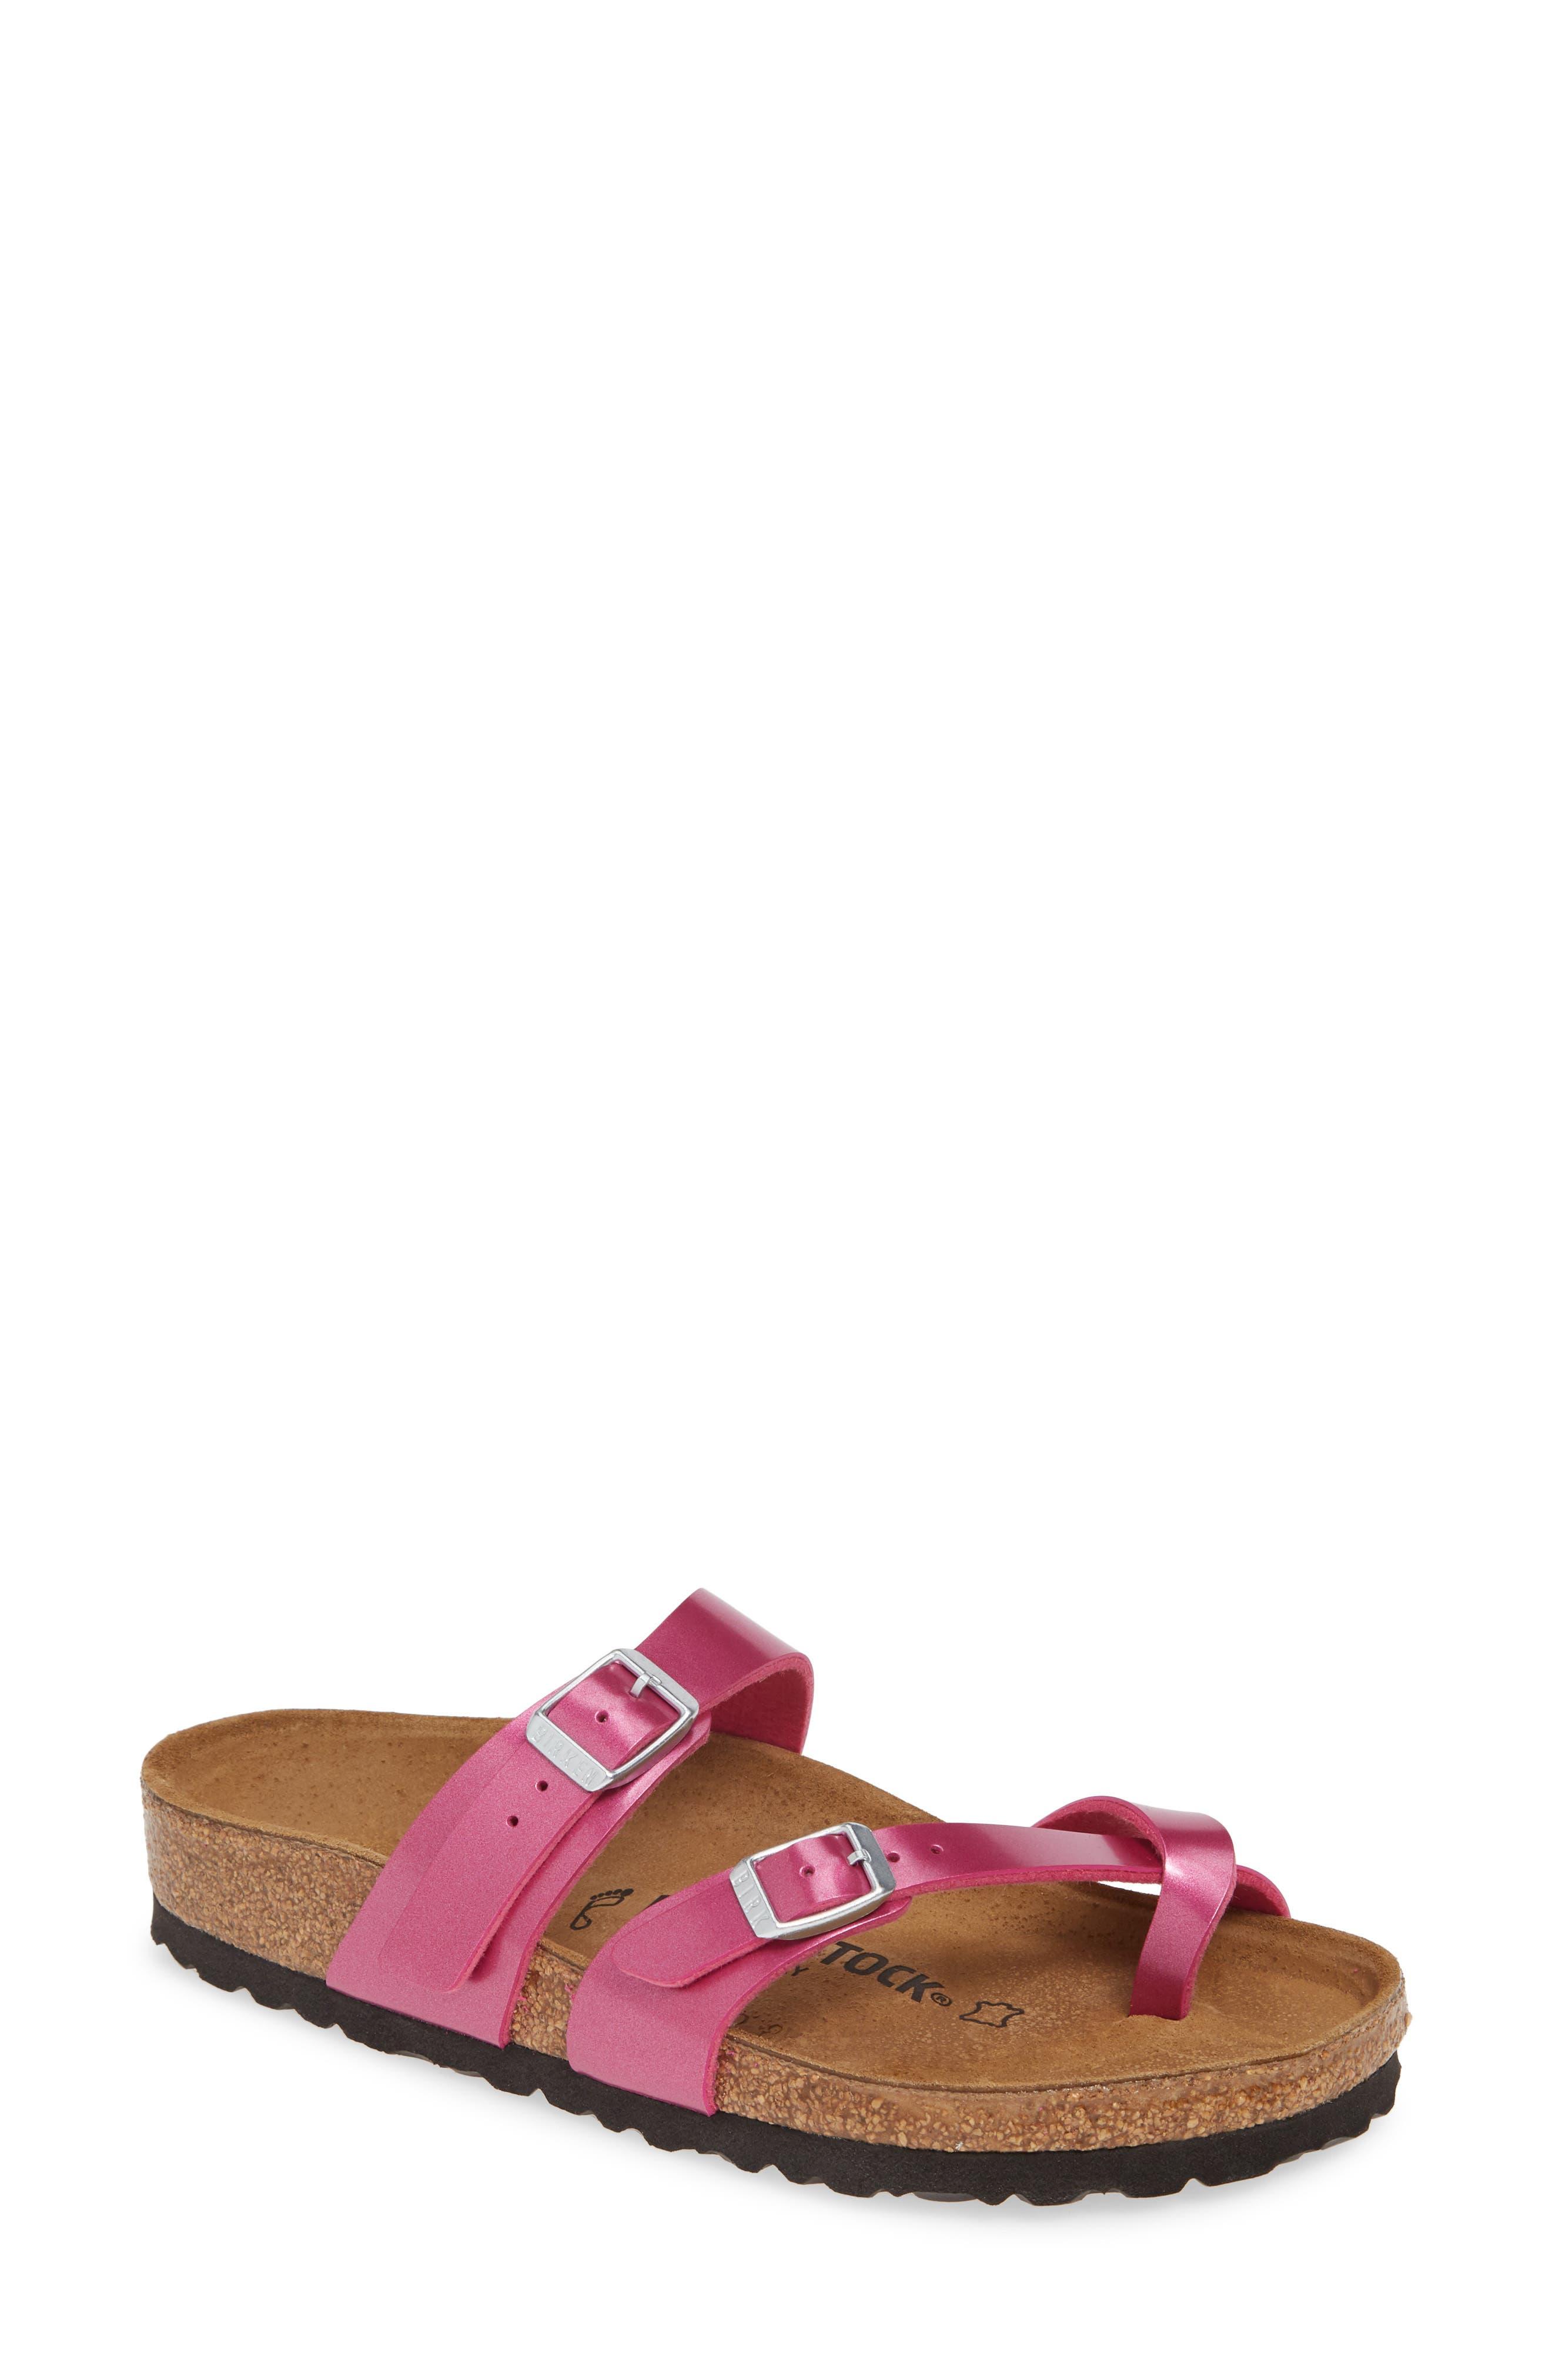 Birkenstock Mayari Slide Sandal, Pink